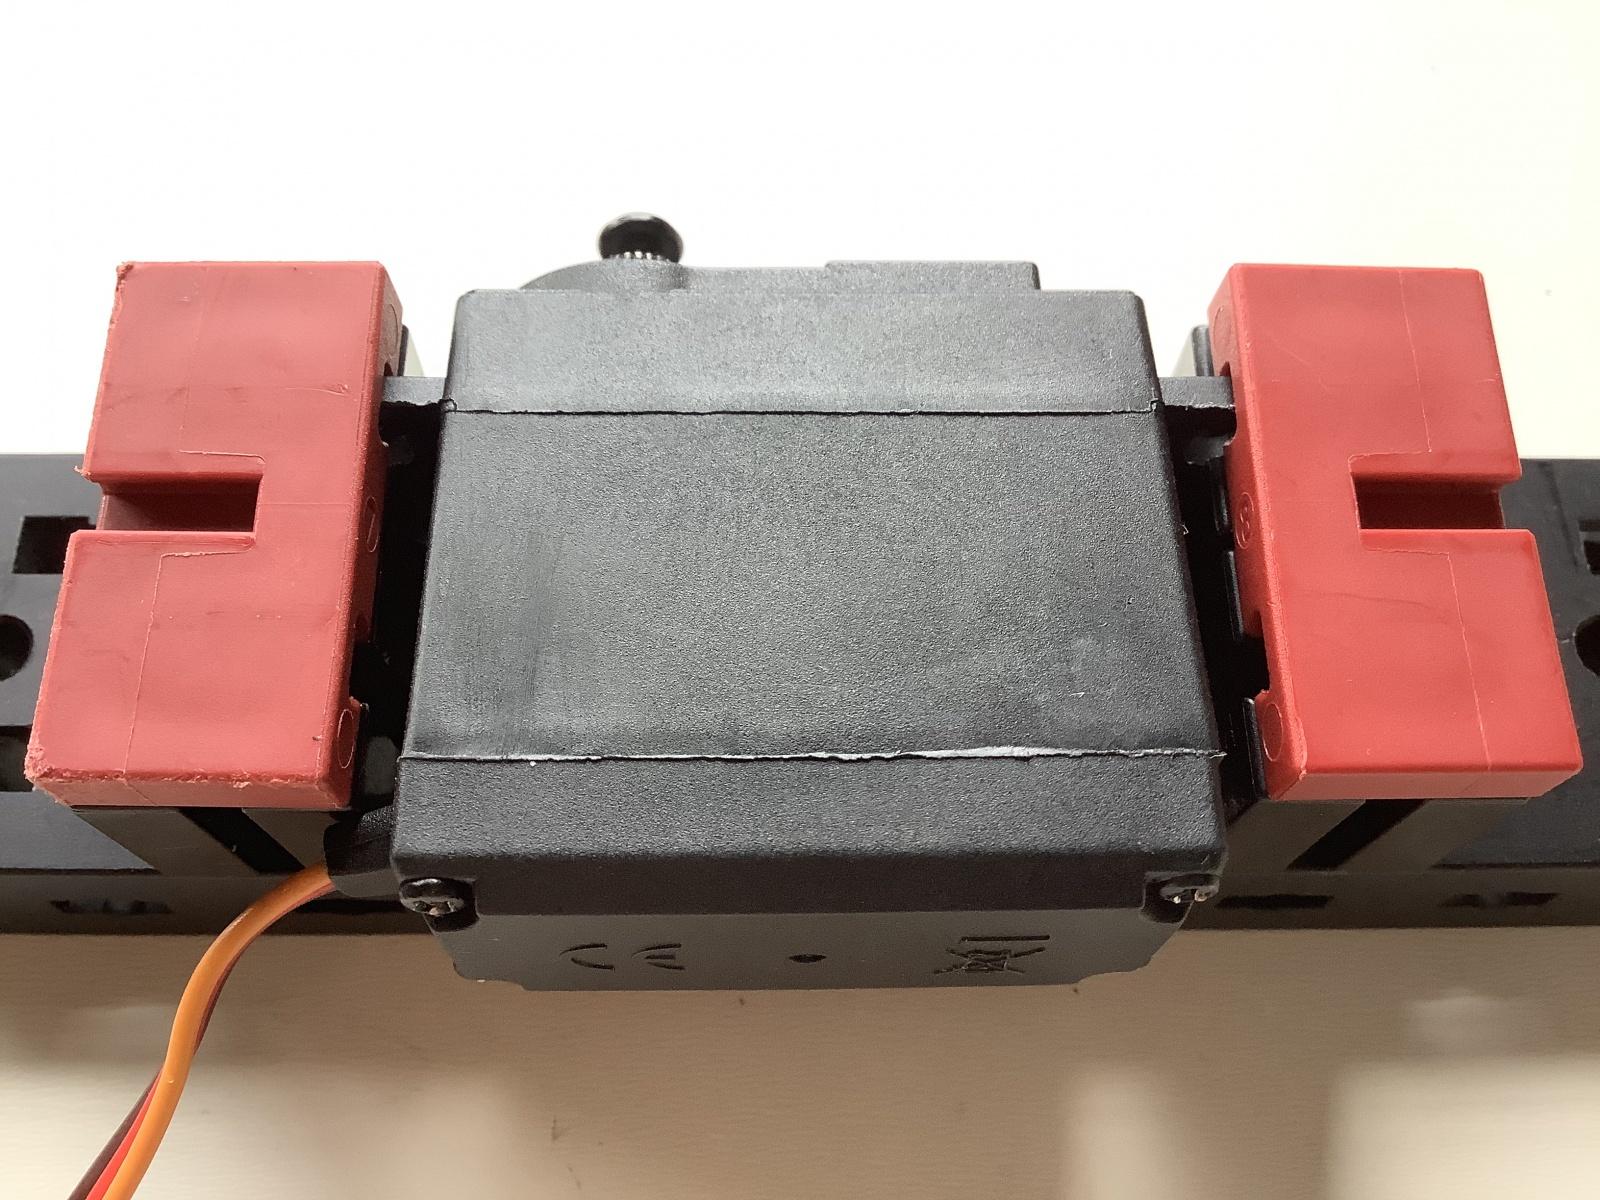 Конструкторы Fischertechnik плюс одноплатный компьютер BBC Micro:Bit, устройства «для Arduino» и детали 3D принтеров - 3